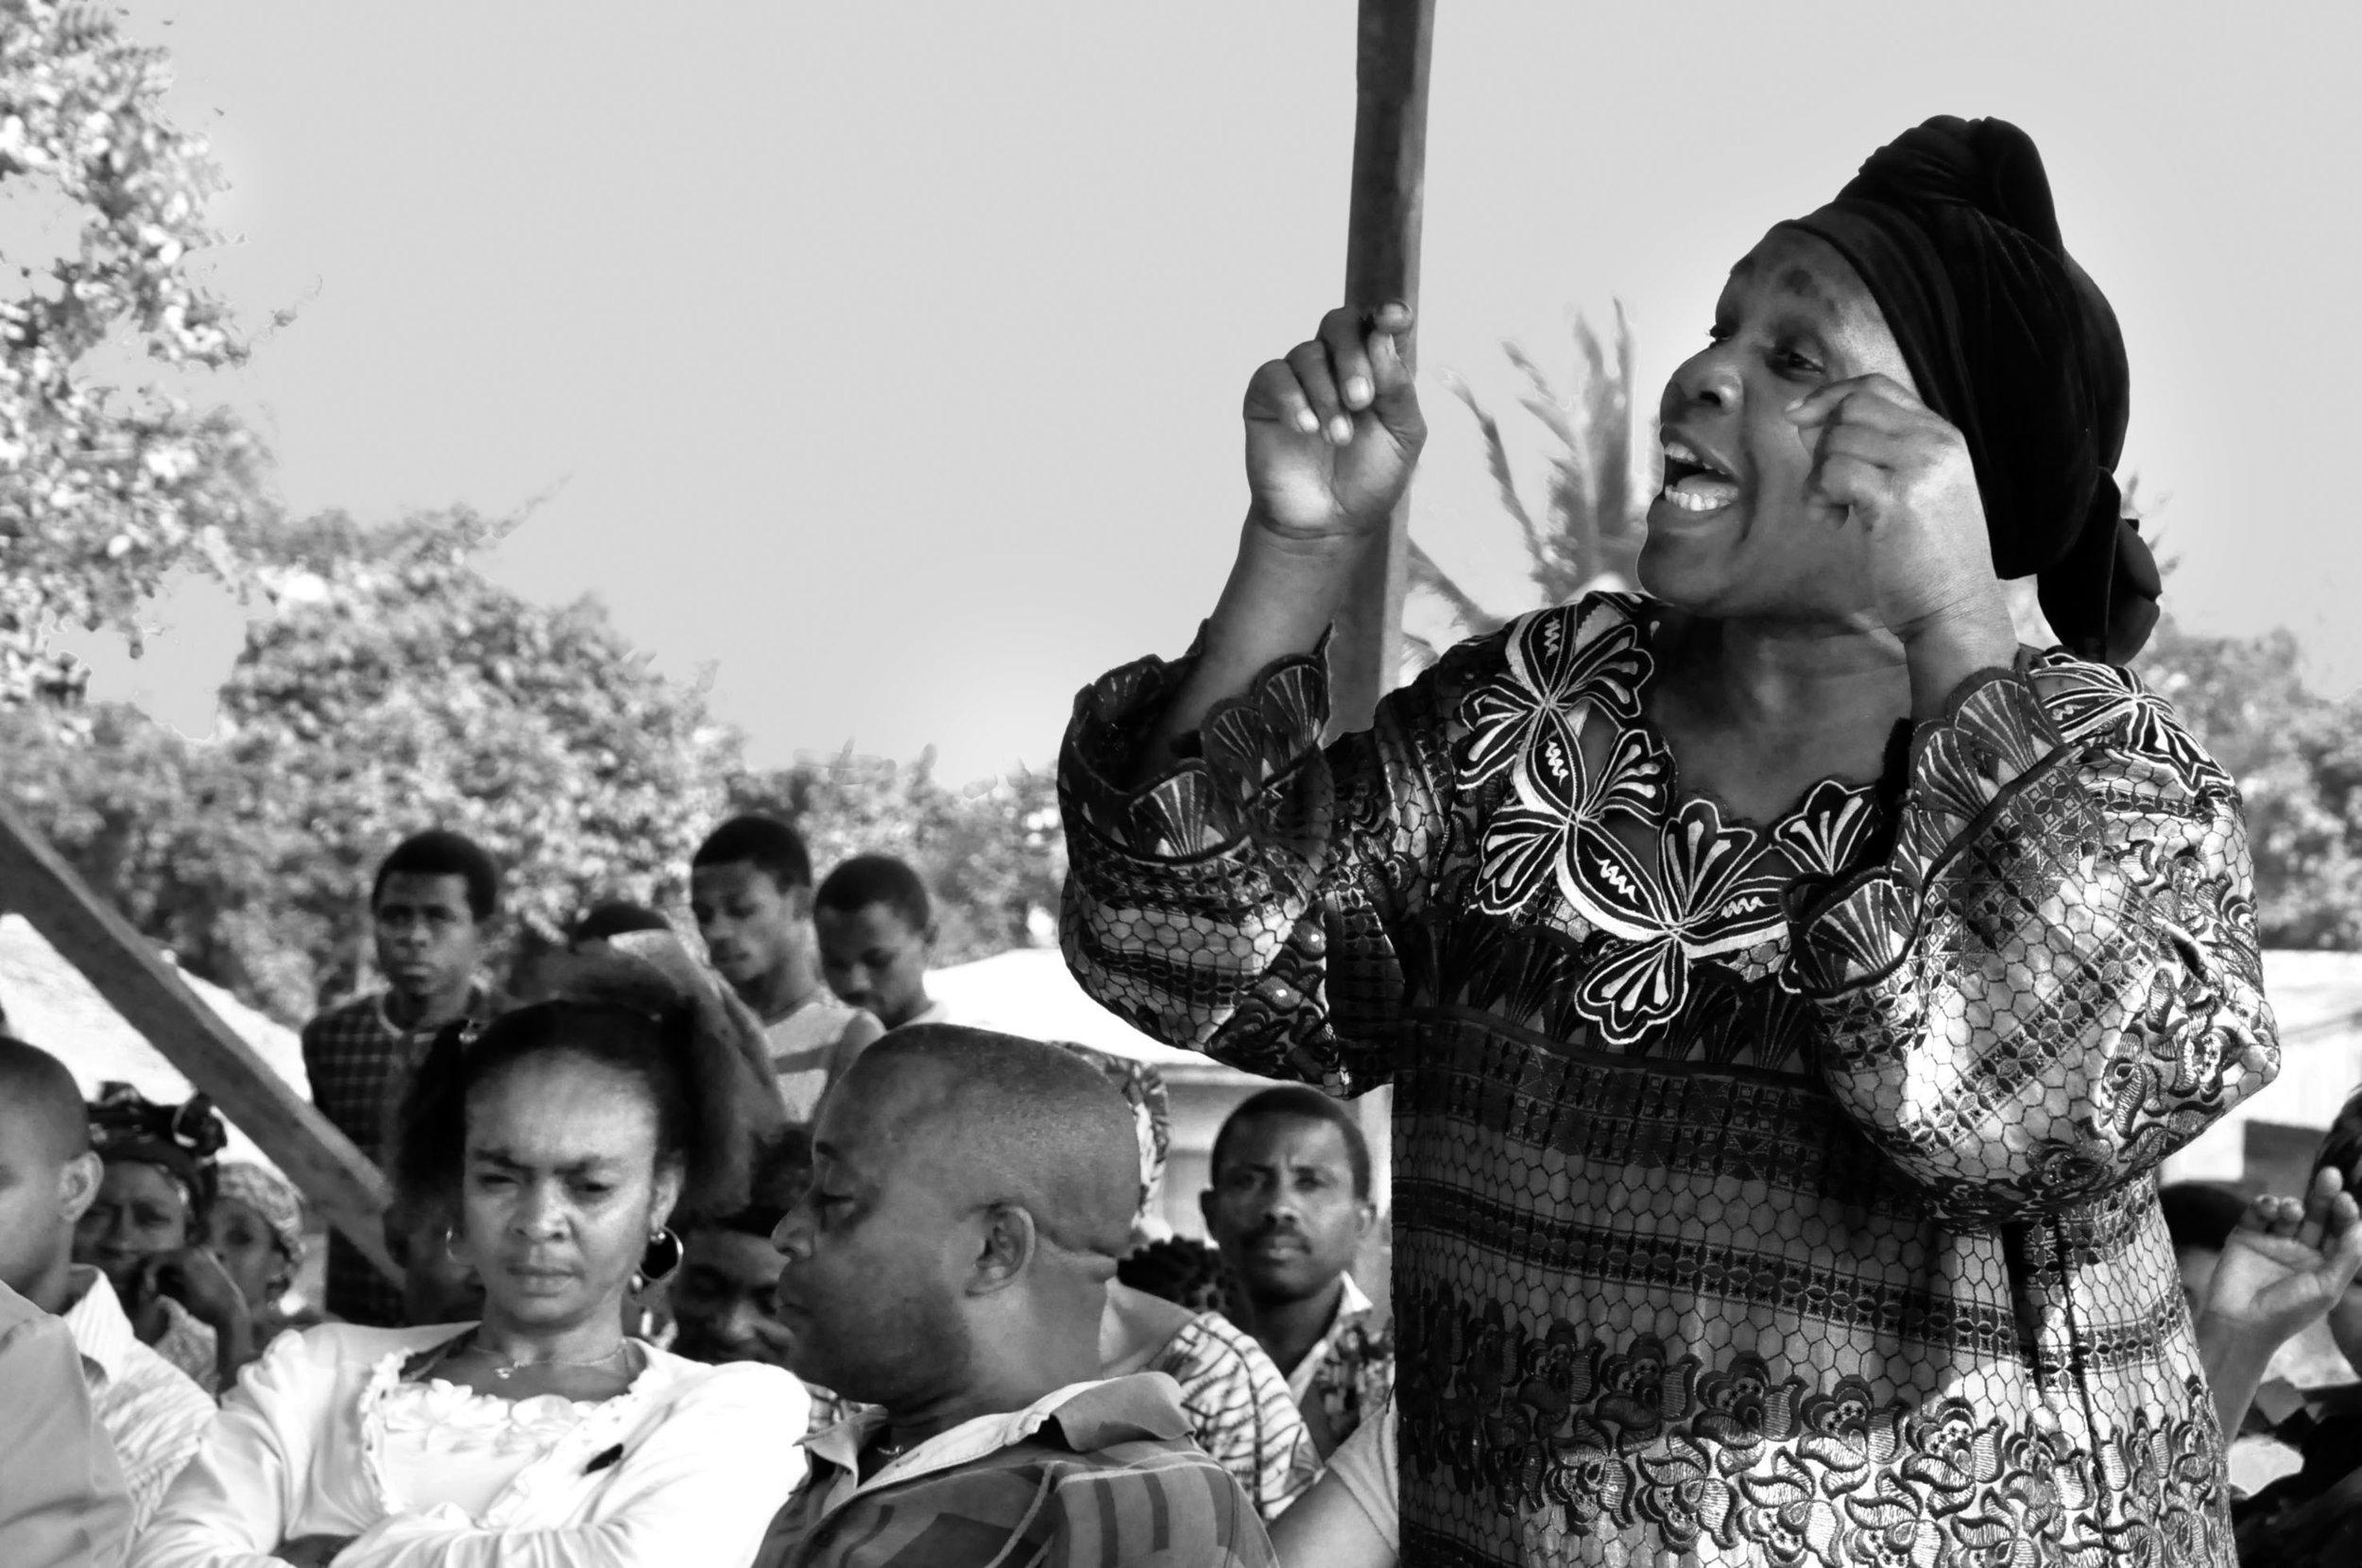 Eine Dorfbewohnerin fordert Mitbestimmung der betroffenen Bevölkerung.